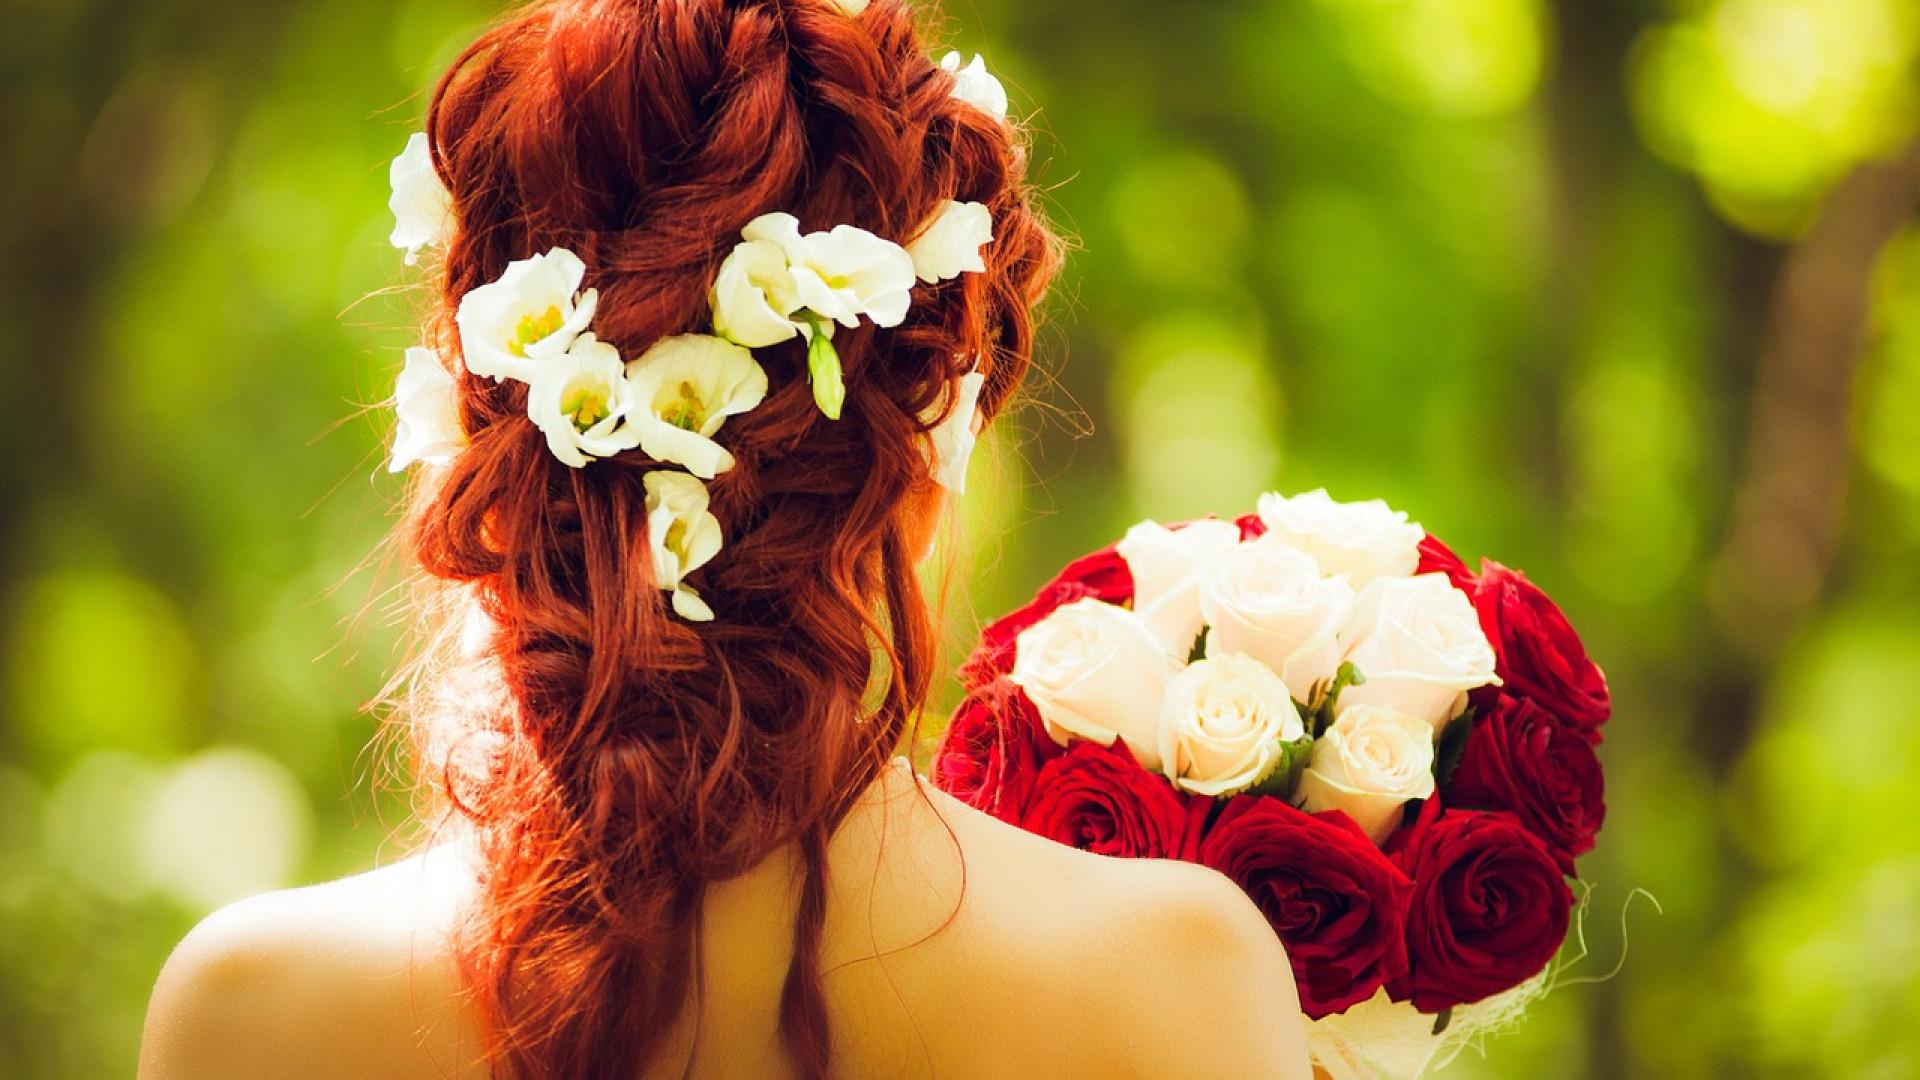 1e37bd3fed805044991285ec87f93509 - Les trois règles d'or pour la beauté de la mariée